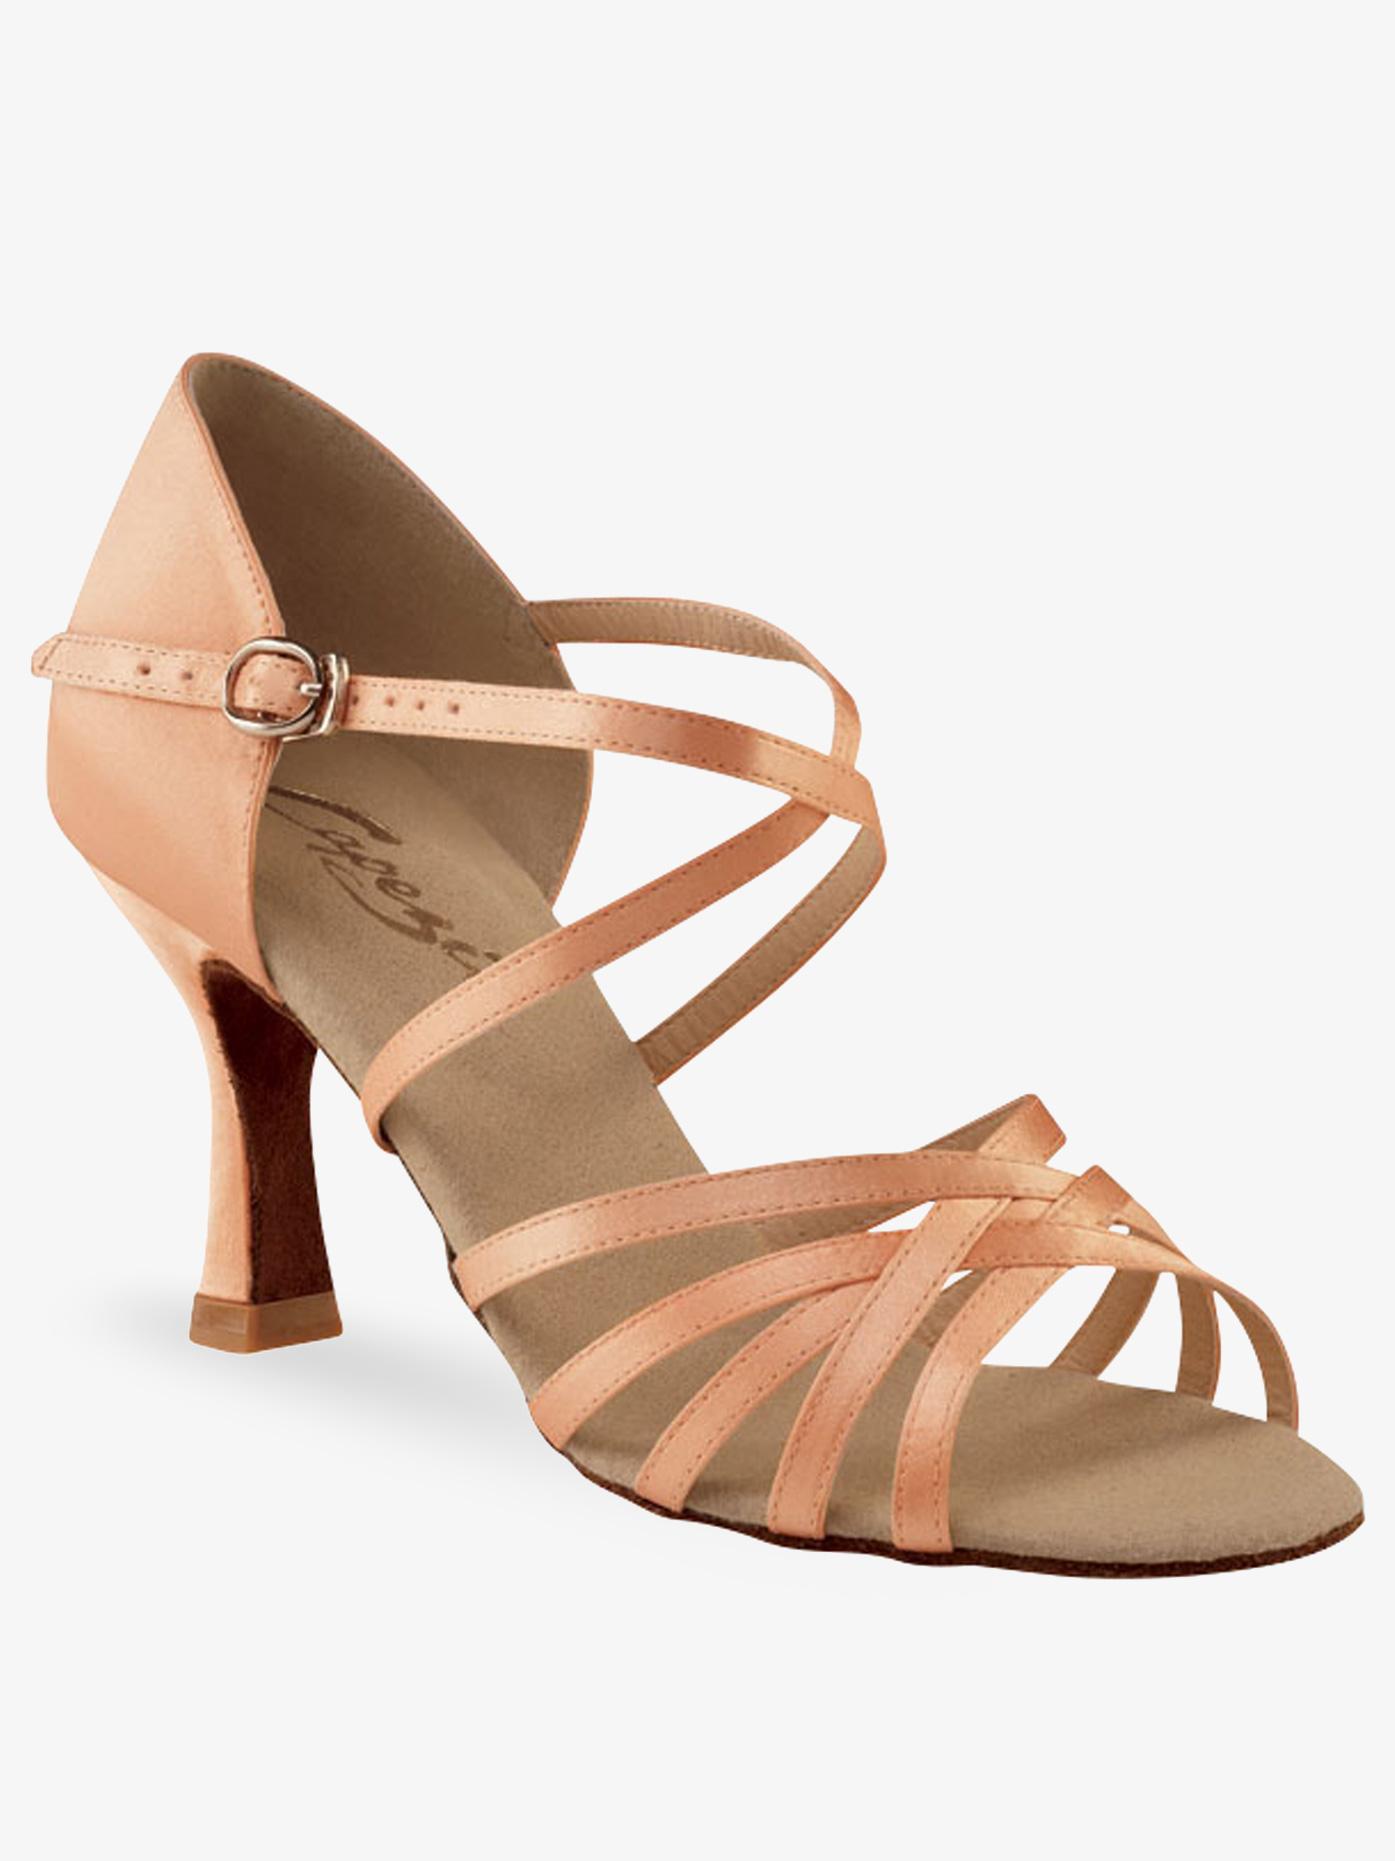 Capezio Ladies Rosa 2.5 Latin/Rhythm Ballroom Shoe SD02S